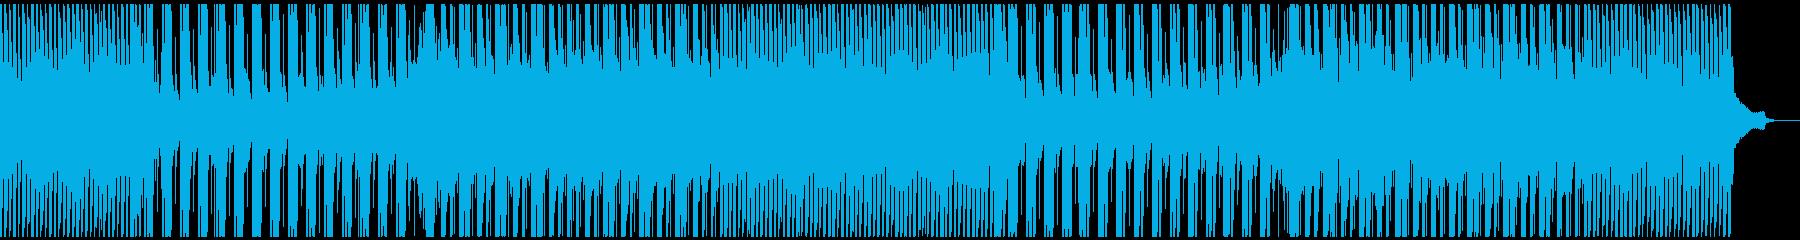 モチベーションが上がる曲の再生済みの波形